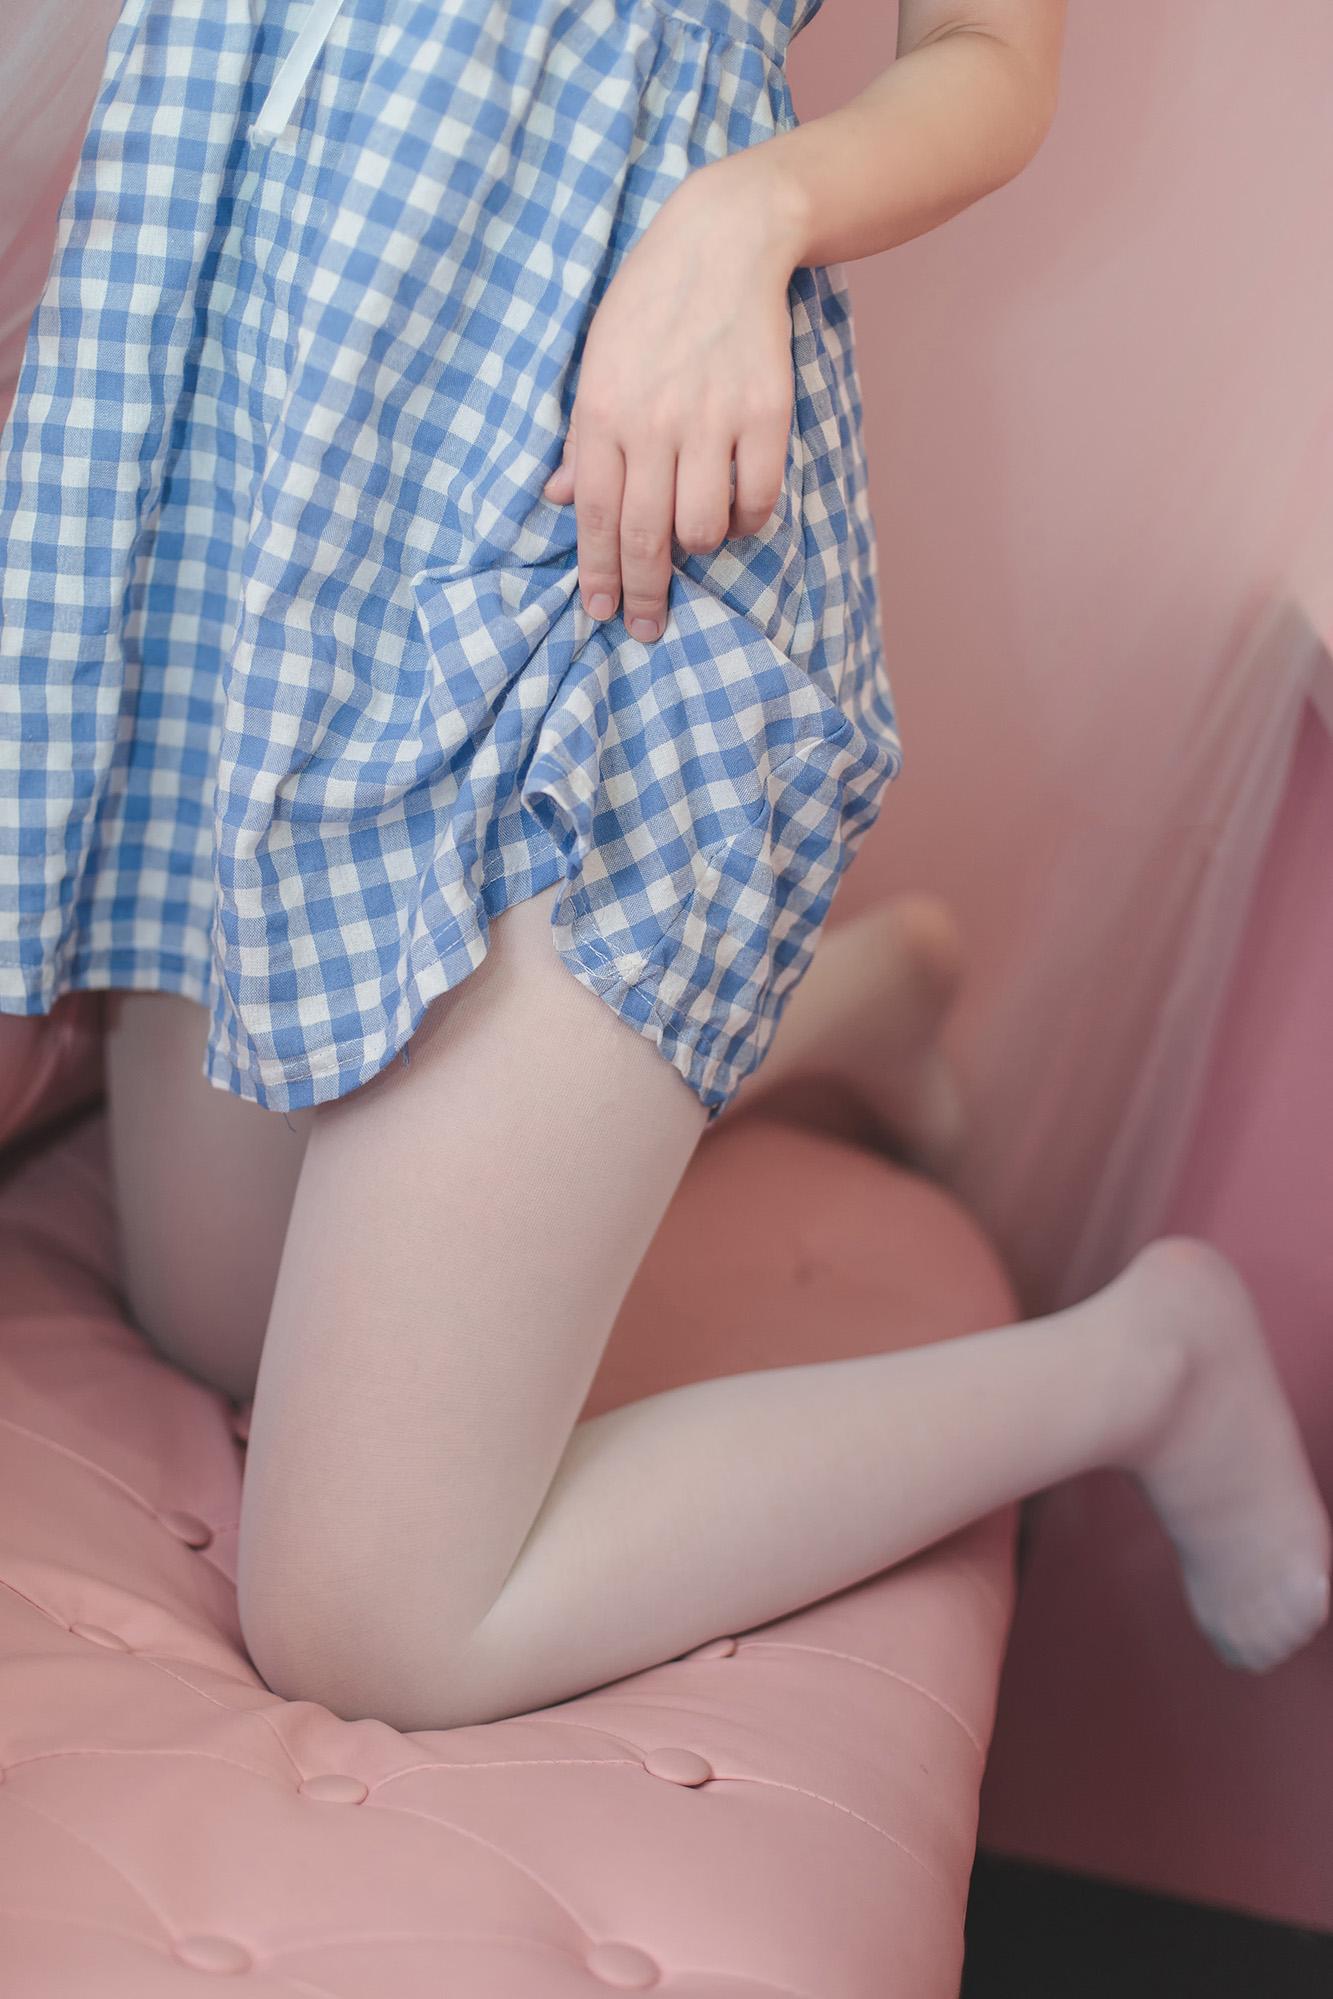 轻兰映画SPL010[115P],白丝美腿玩球姿态令人心动